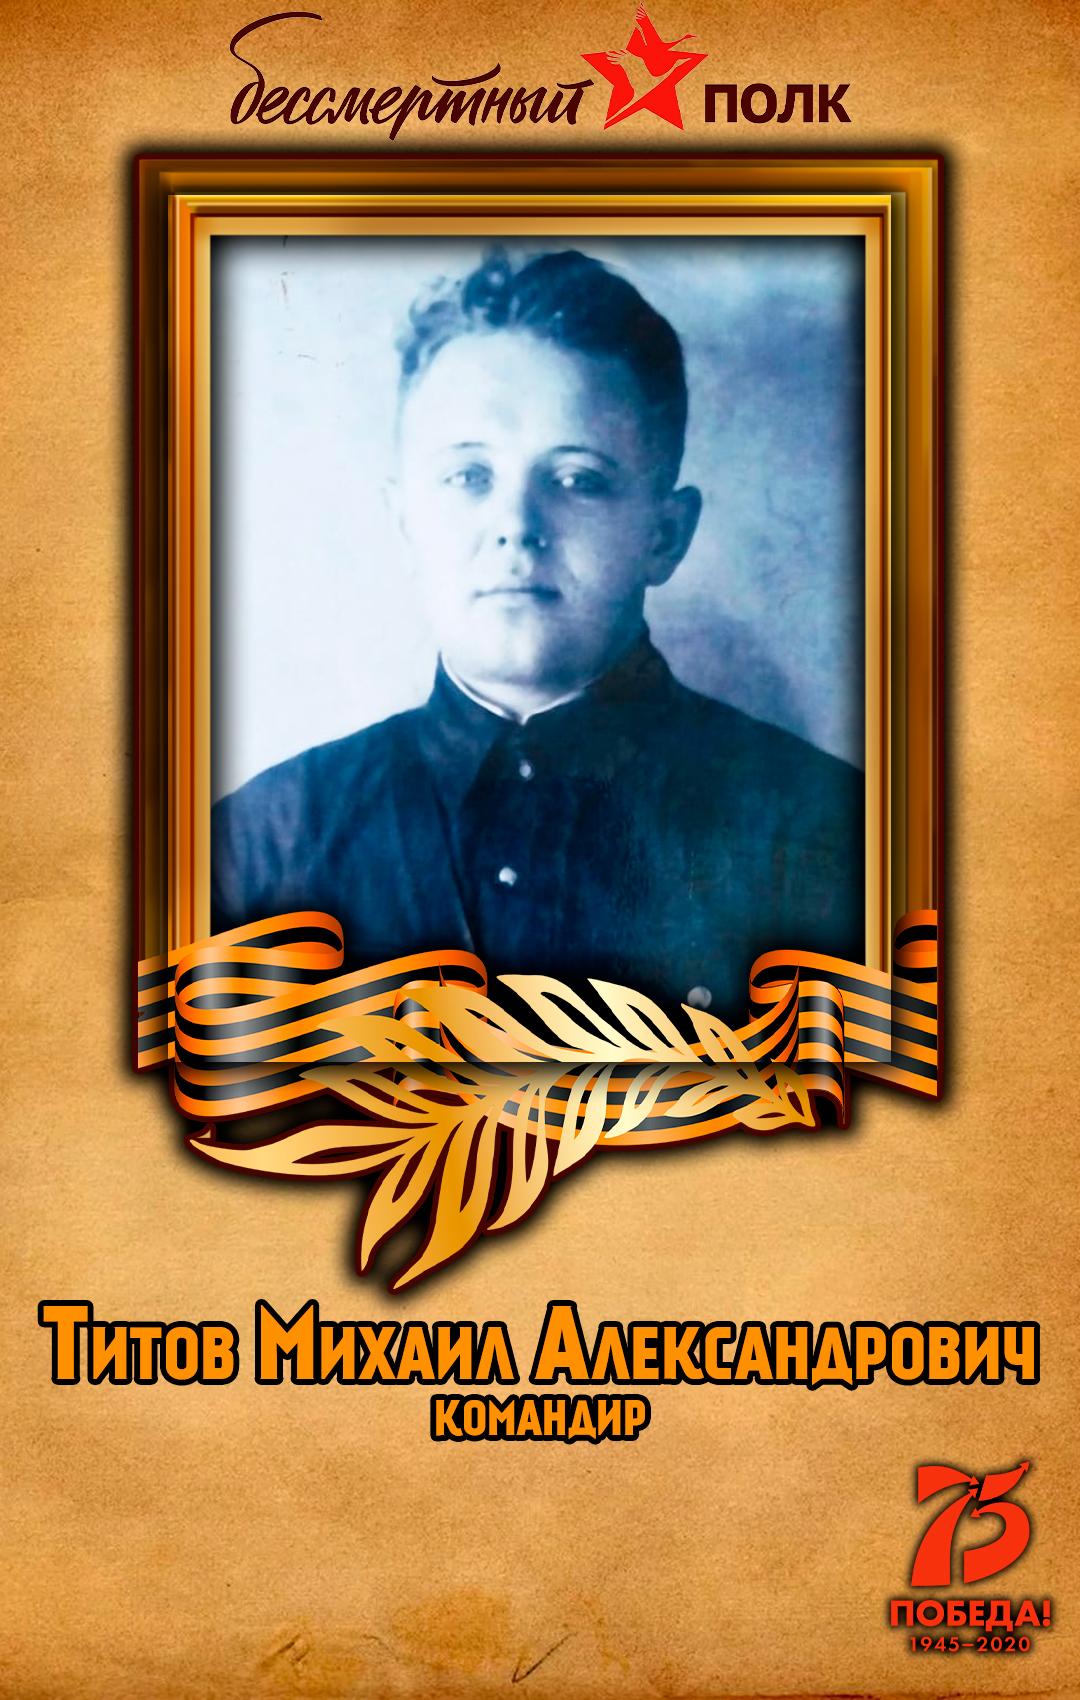 Титов-Михаил-Александрович